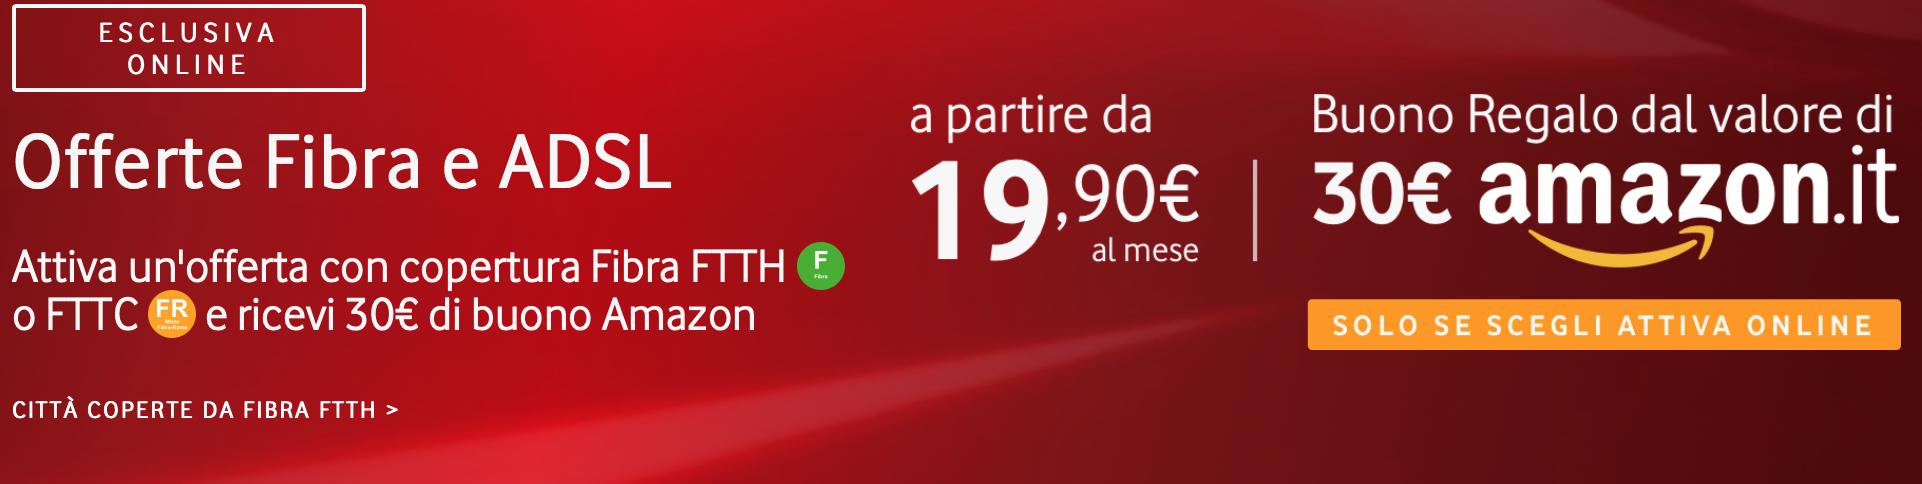 Vodafone vi regala un buono Amazon da 30 euro se attivate un'offerta Fibra e ADSL 1